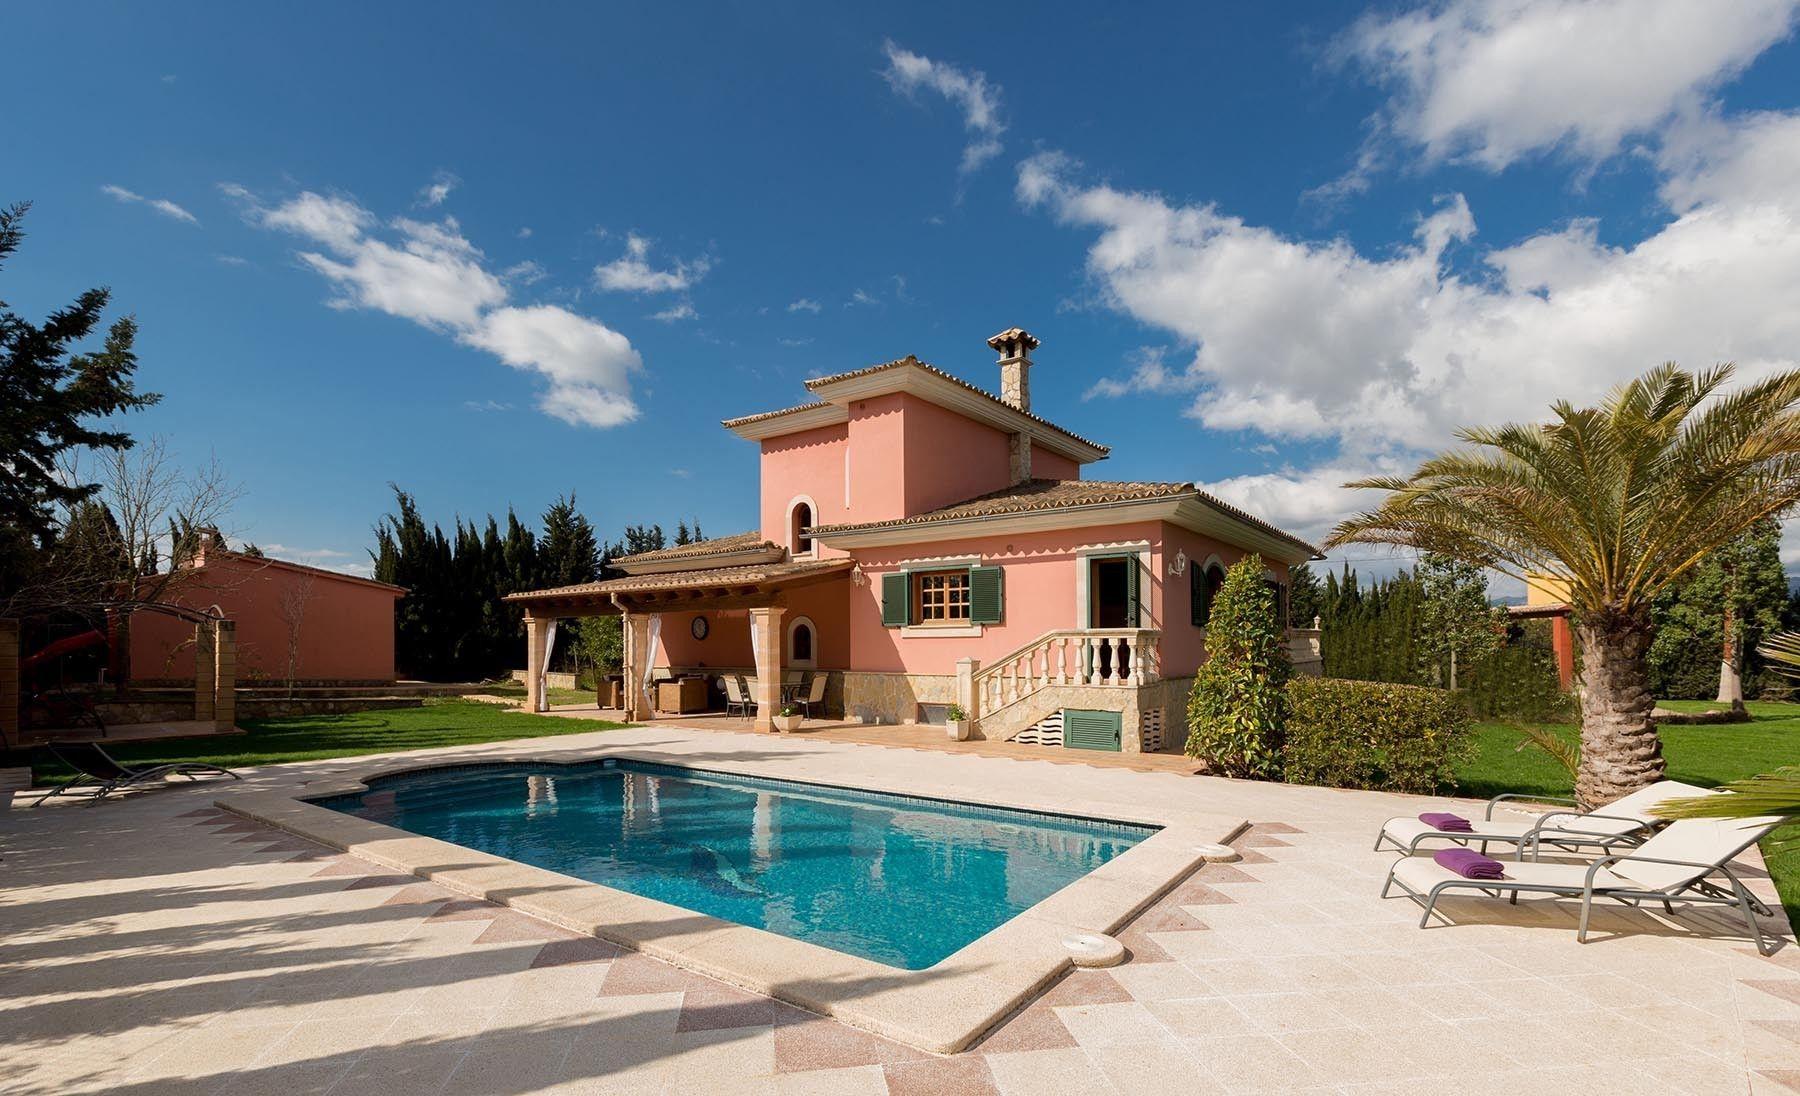 Casa hogareña en Mallorca